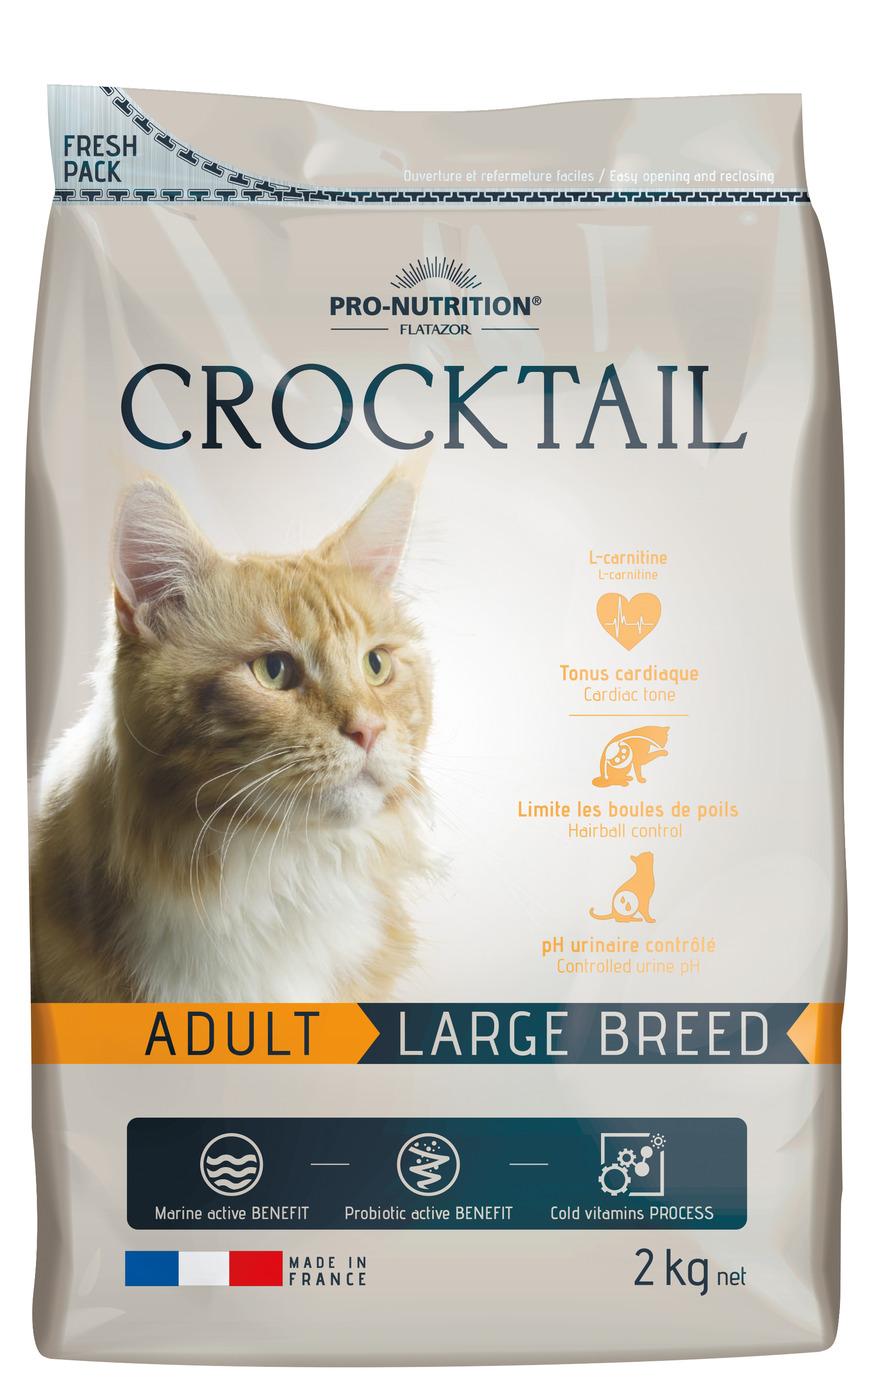 CROCKTAIL ADULT LARGE BREED 2кг х 4